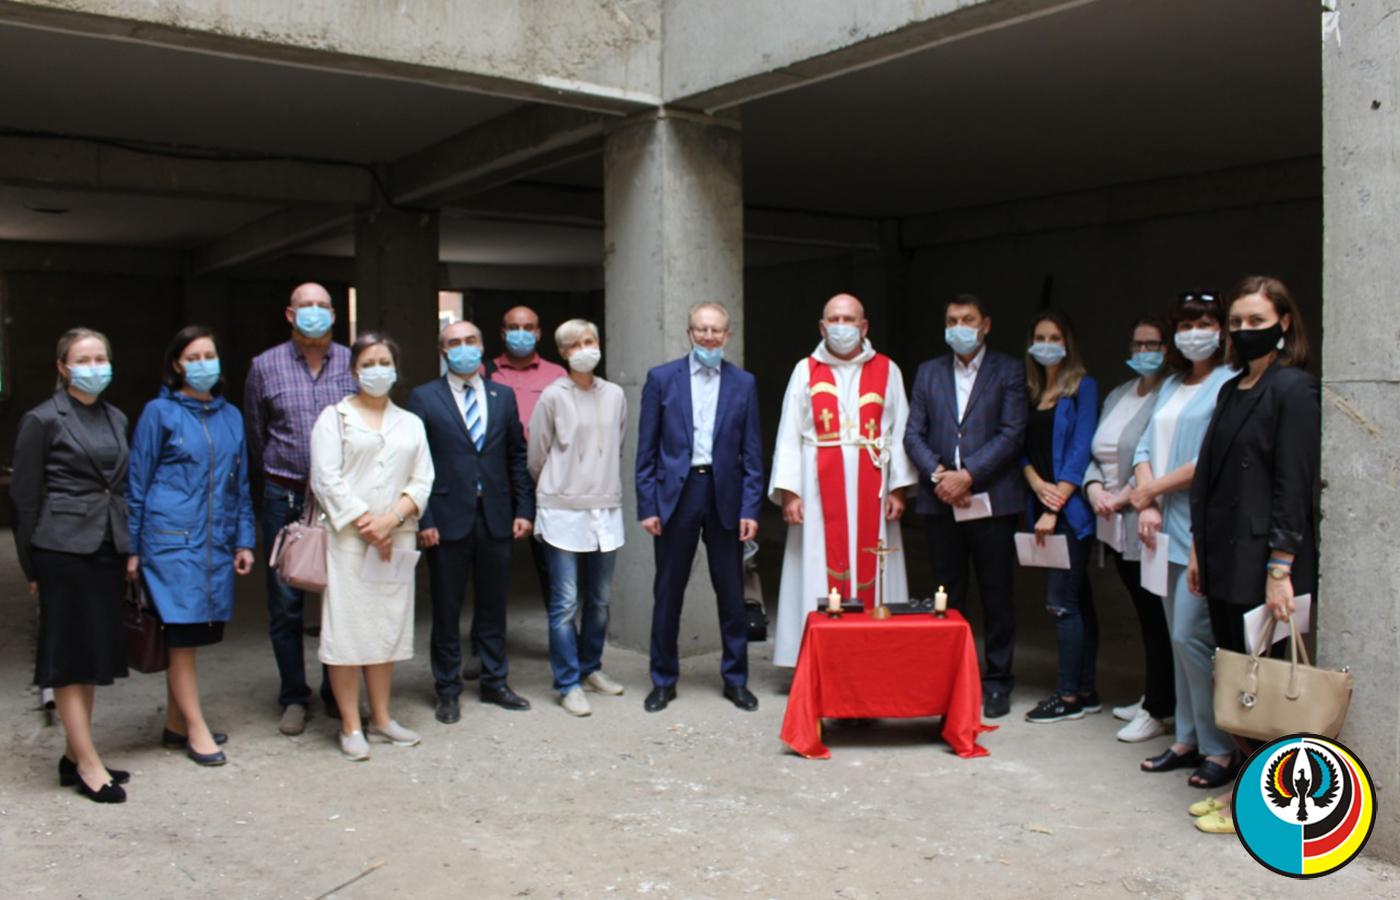 В Нур-Султане освятили здание Казахстанско-Немецкого Центра